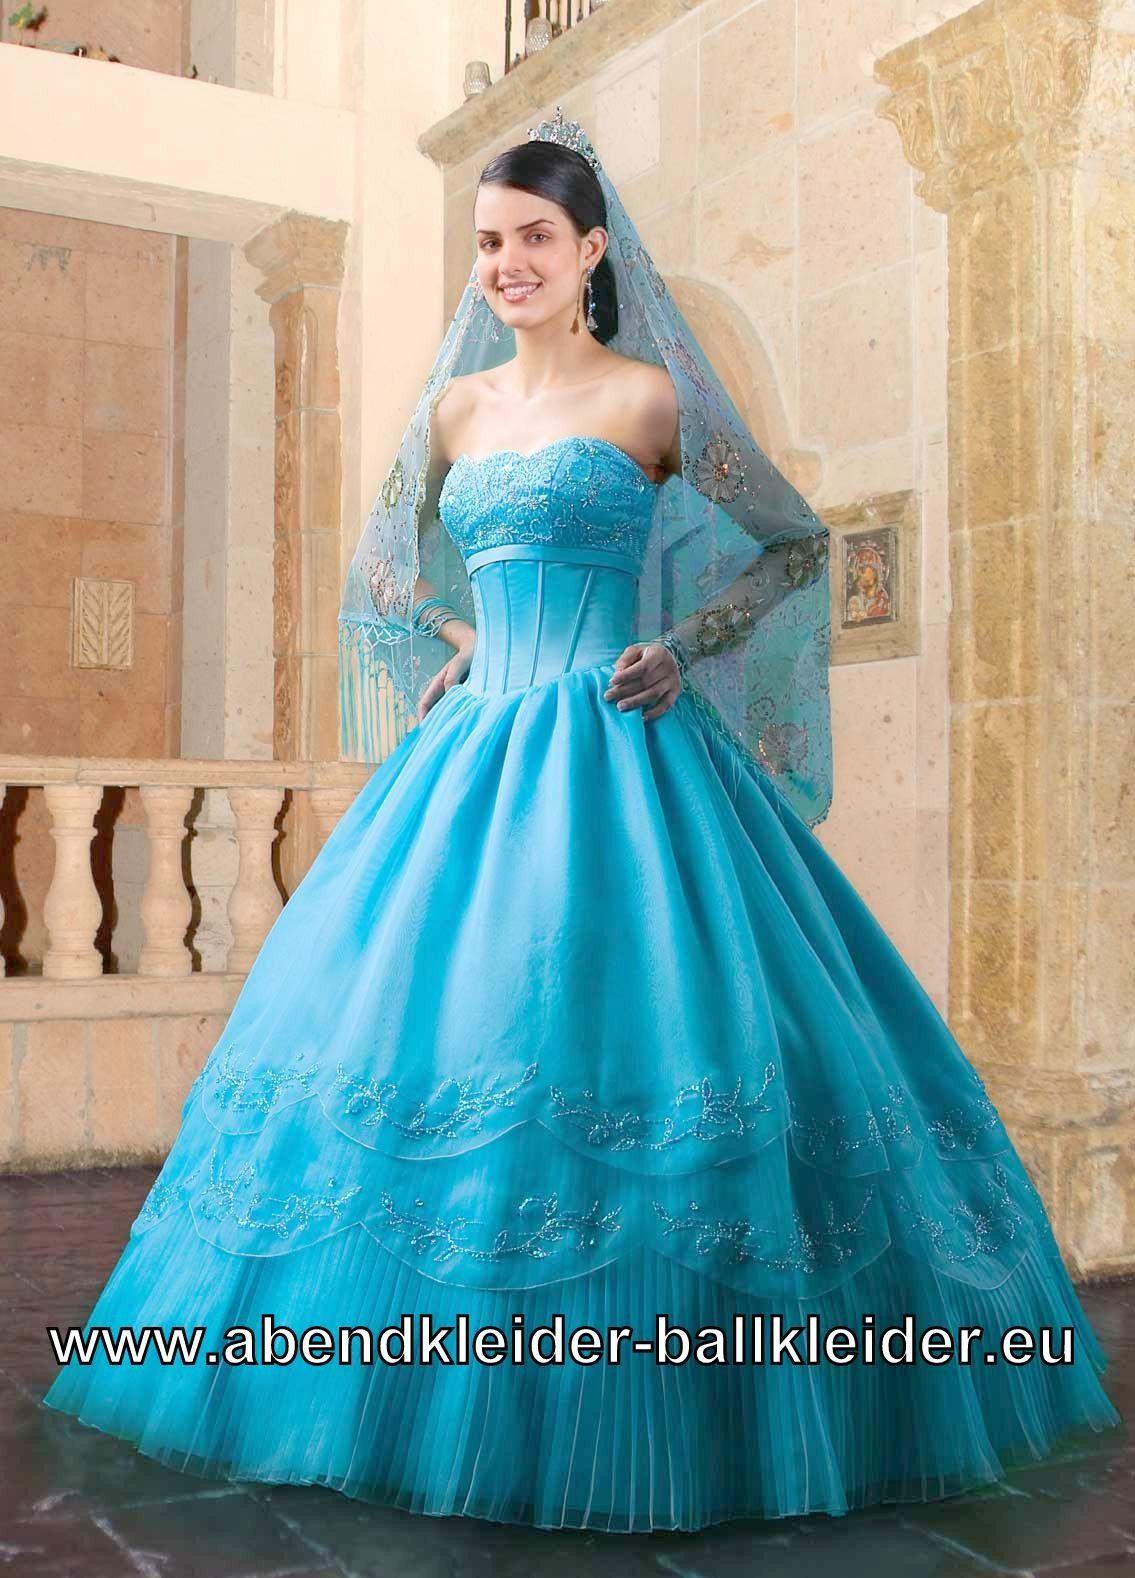 blaues cinderella kleid ballkleid brautkleid auch mit schleier dresses pinterest schleier. Black Bedroom Furniture Sets. Home Design Ideas